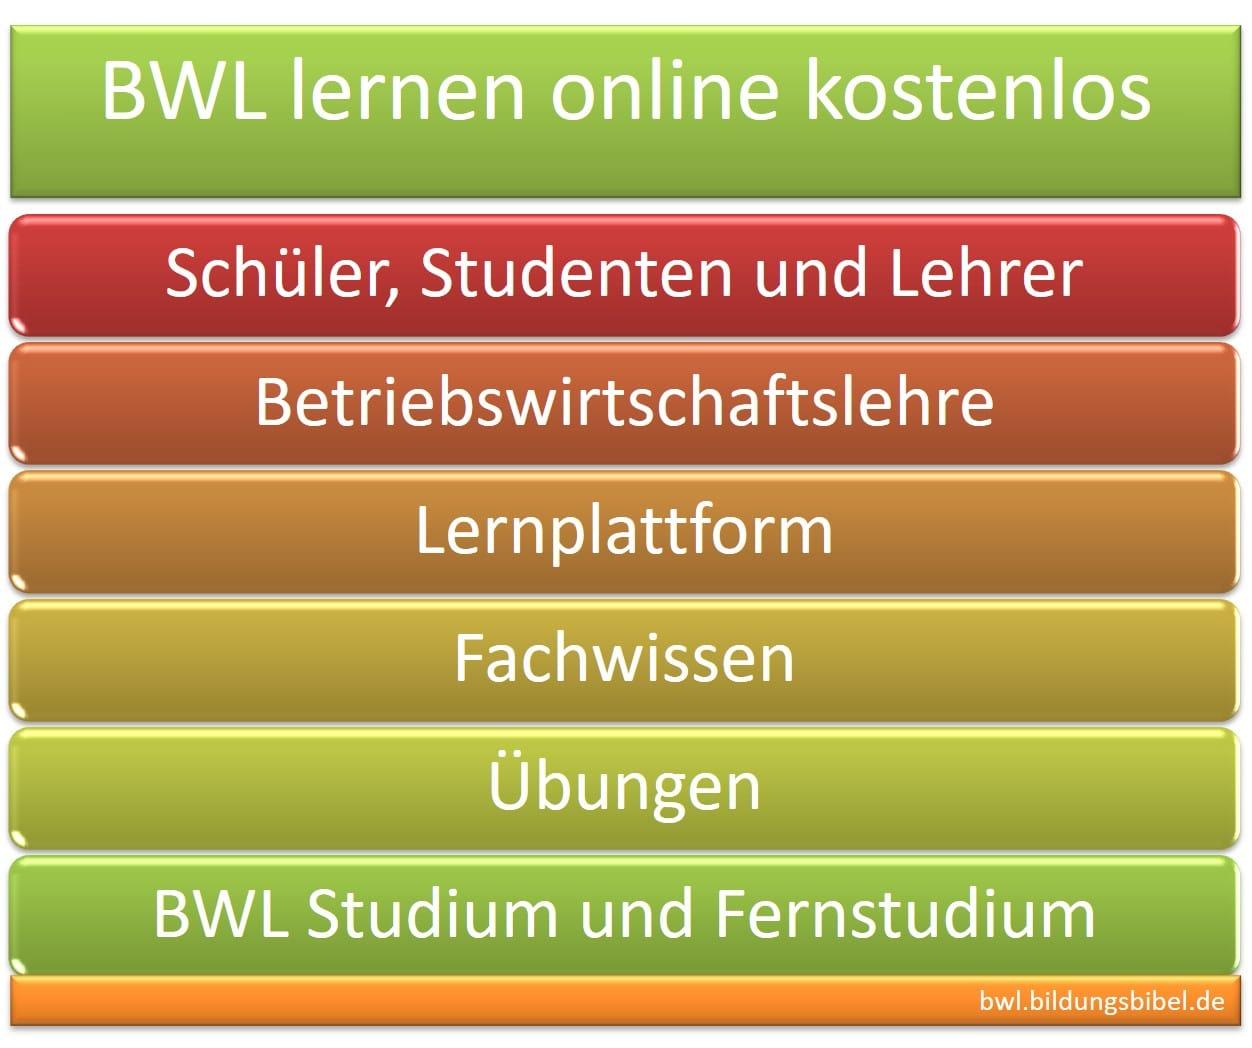 BWL lernen online kostenlos für Schüler, Studenten, Lehrer im Bereich Betriebswirtschaftslehre, Lernplattform, Wissen, Übungen, BWL Studium, Fernstudium.